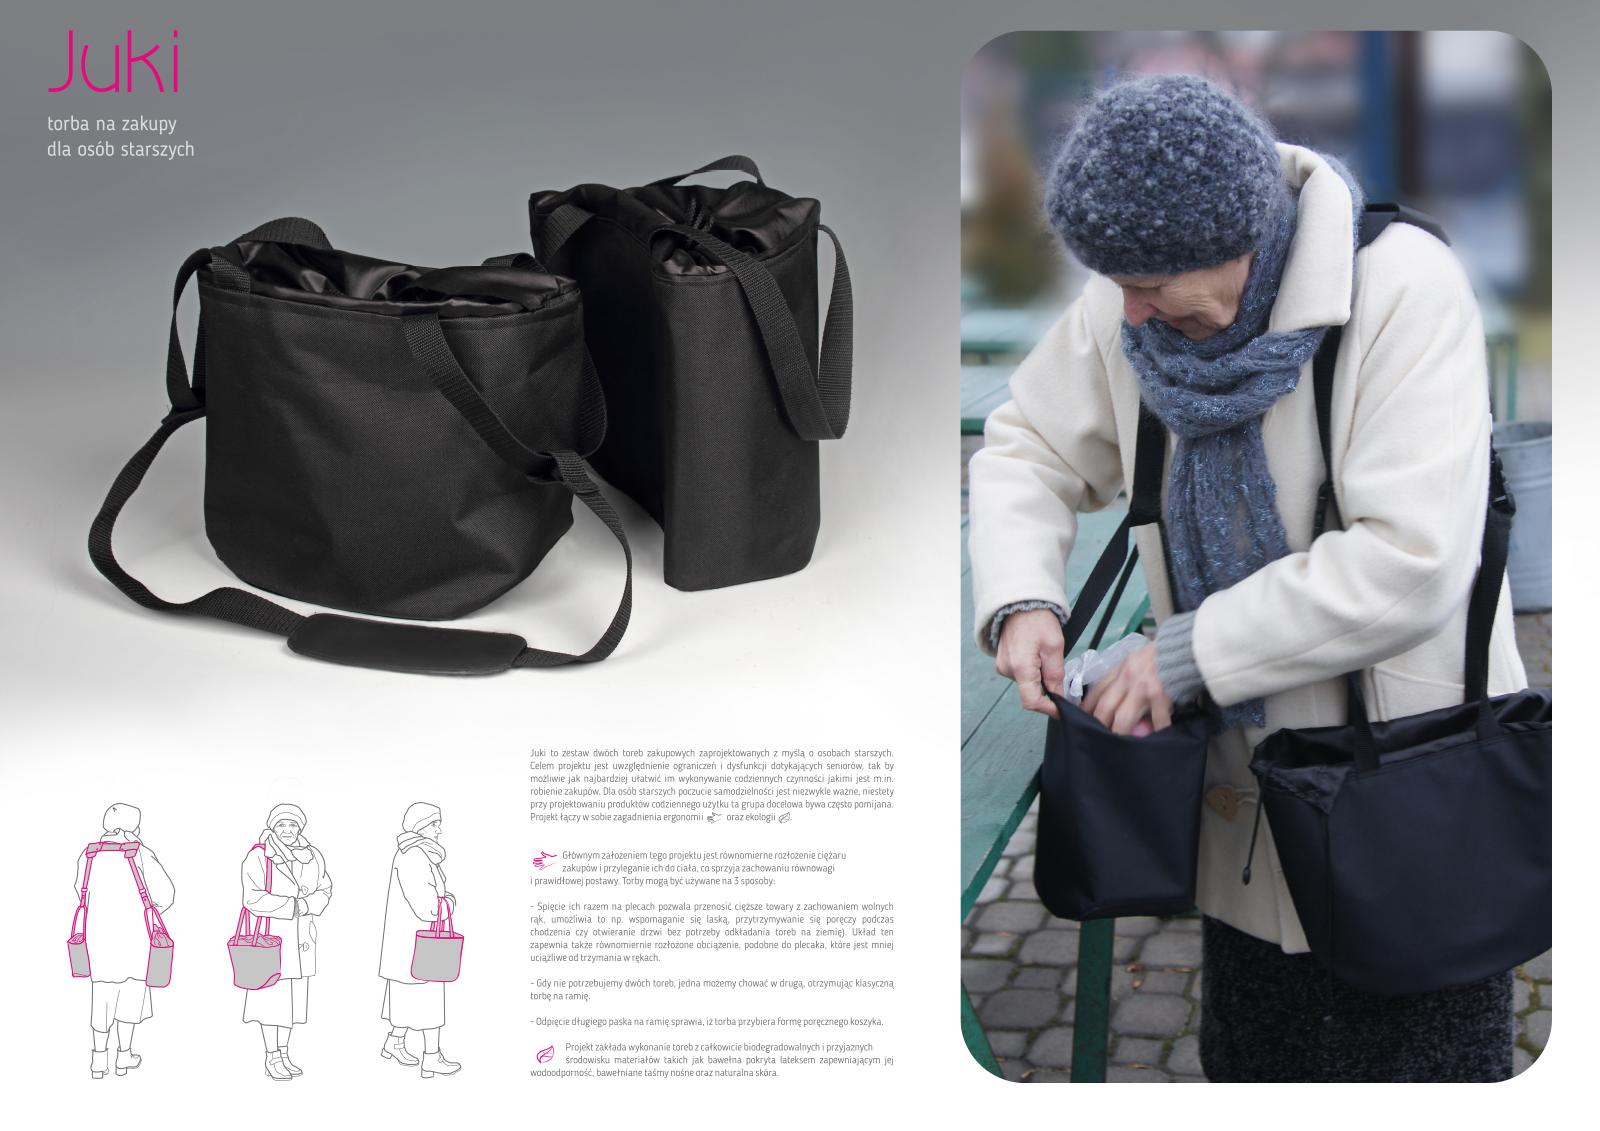 Juki - Torba na zakupy dla osób starszych